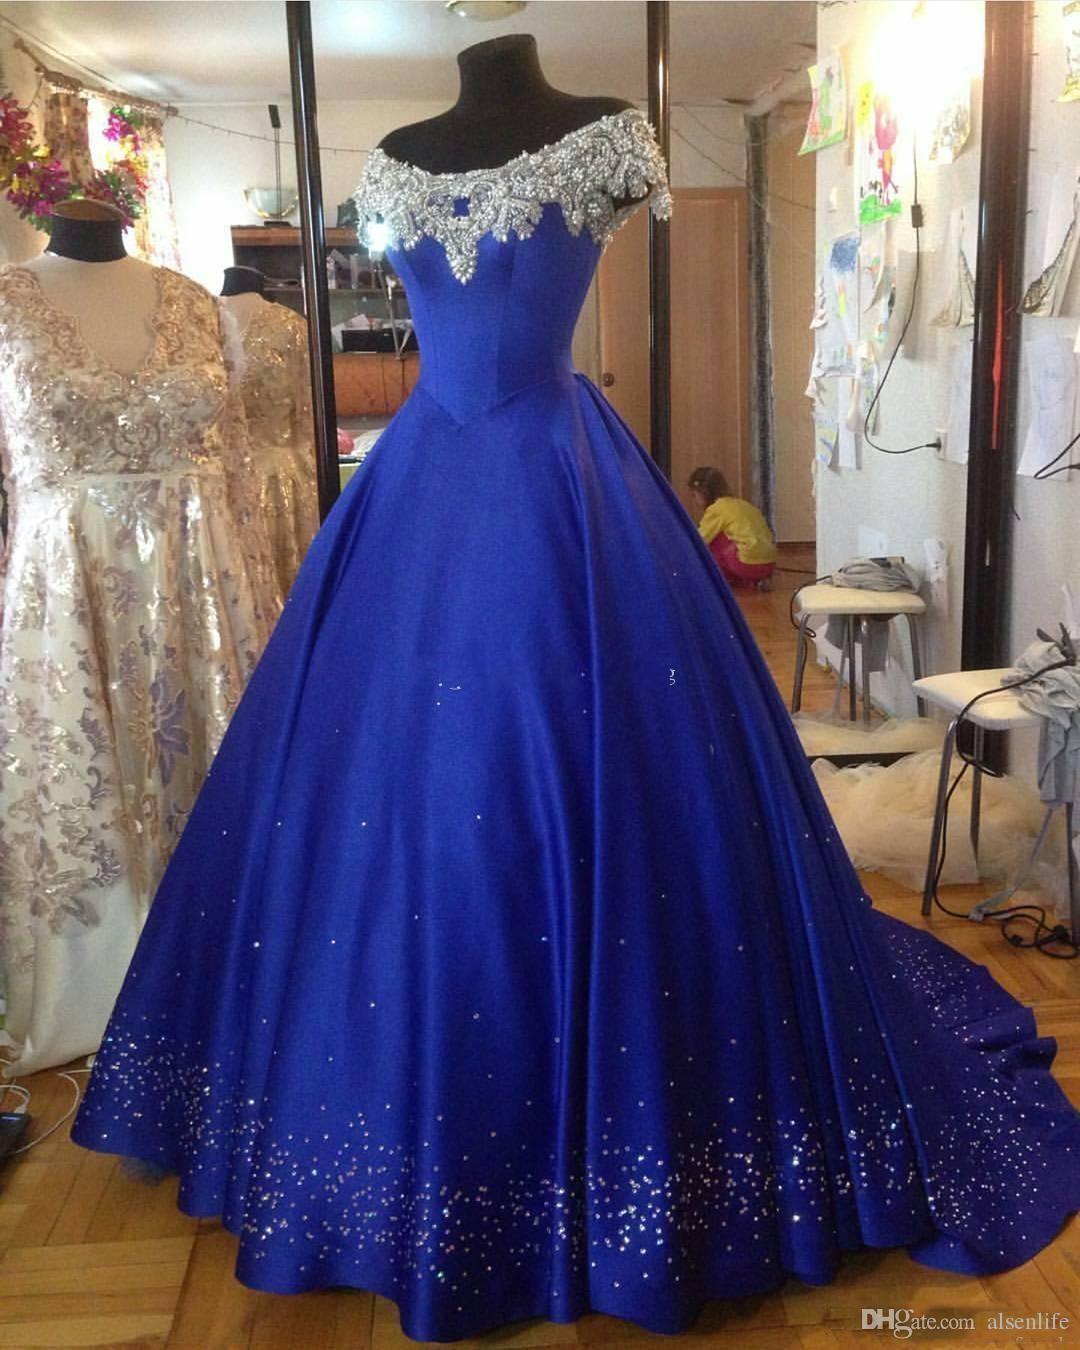 Shinny Royal Blue Ballkleid Abendkleider 2017 Schulterfrei Cap Sleeves Friesen Arabisch Plus Size Abendkleid Neue Quinceanera Kleider